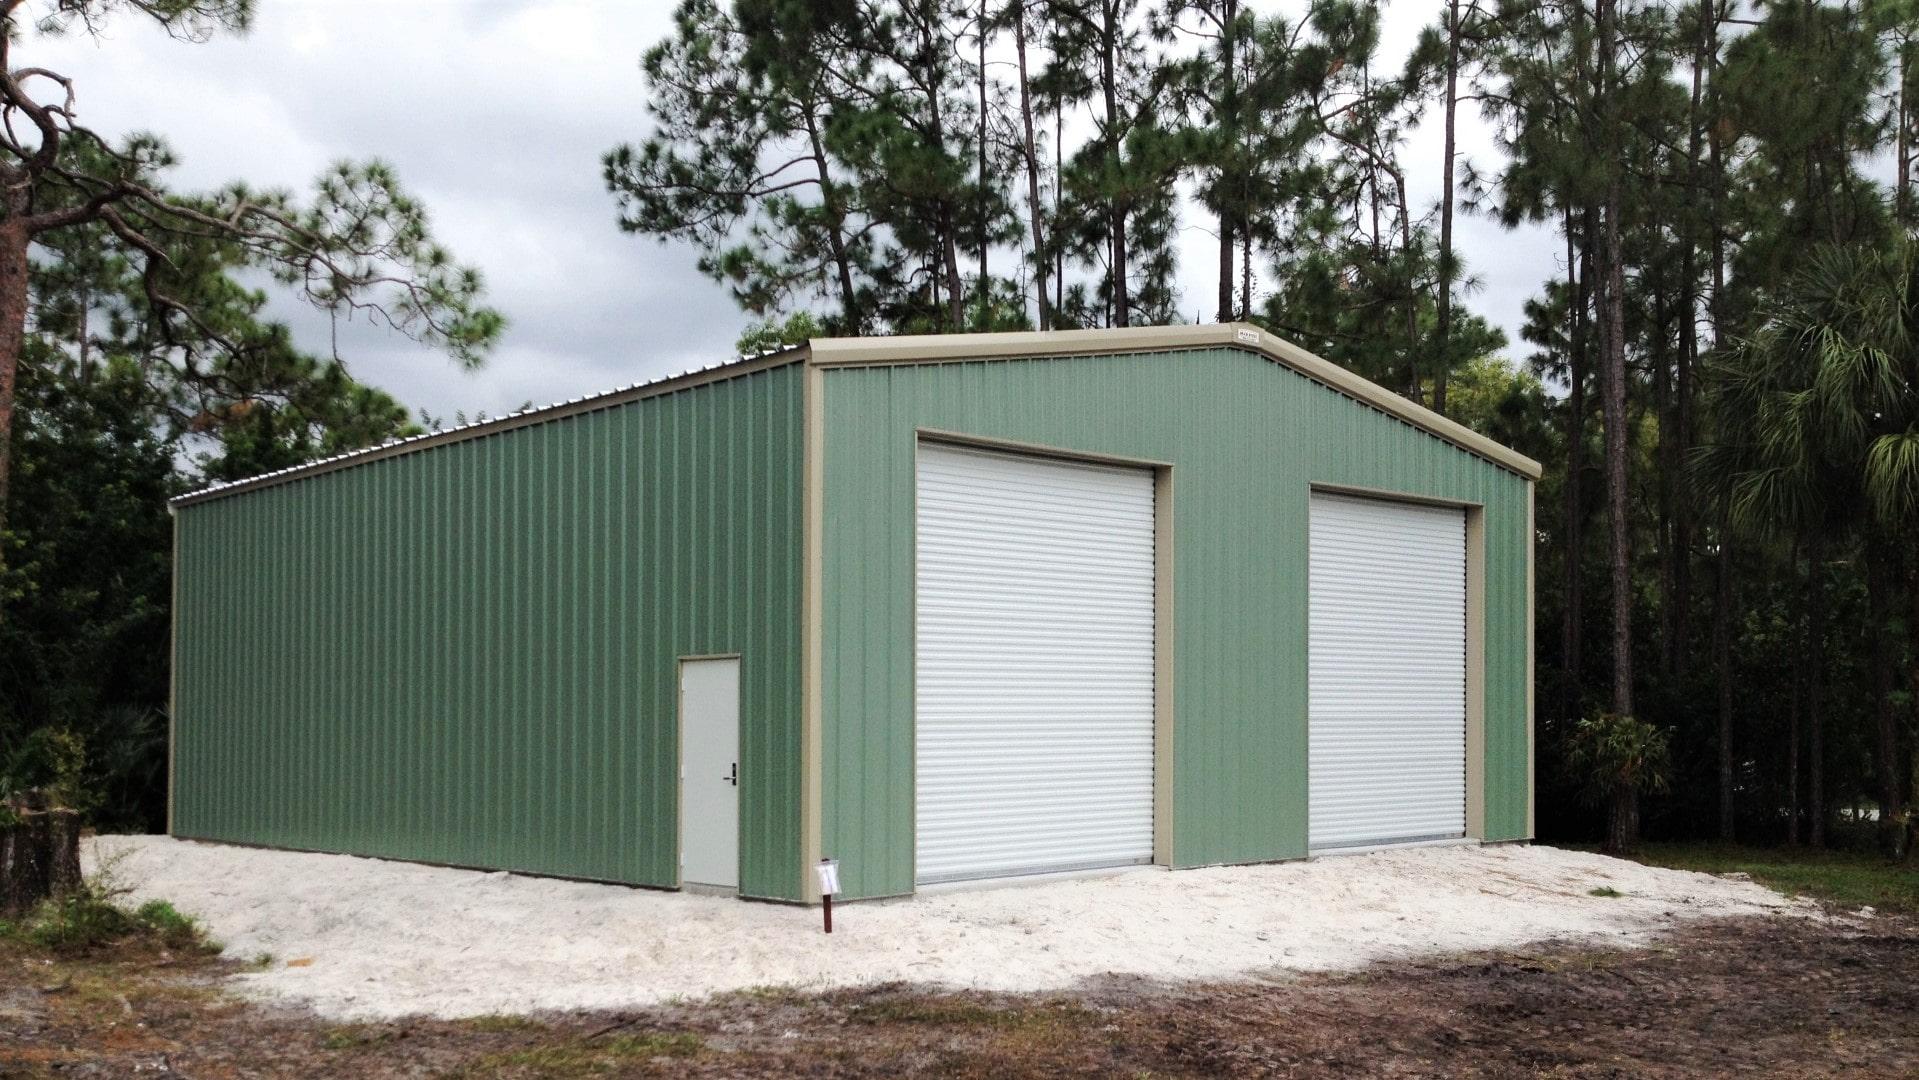 Green metal garage kit with tan trim, walk door, and 2 rollup doors.